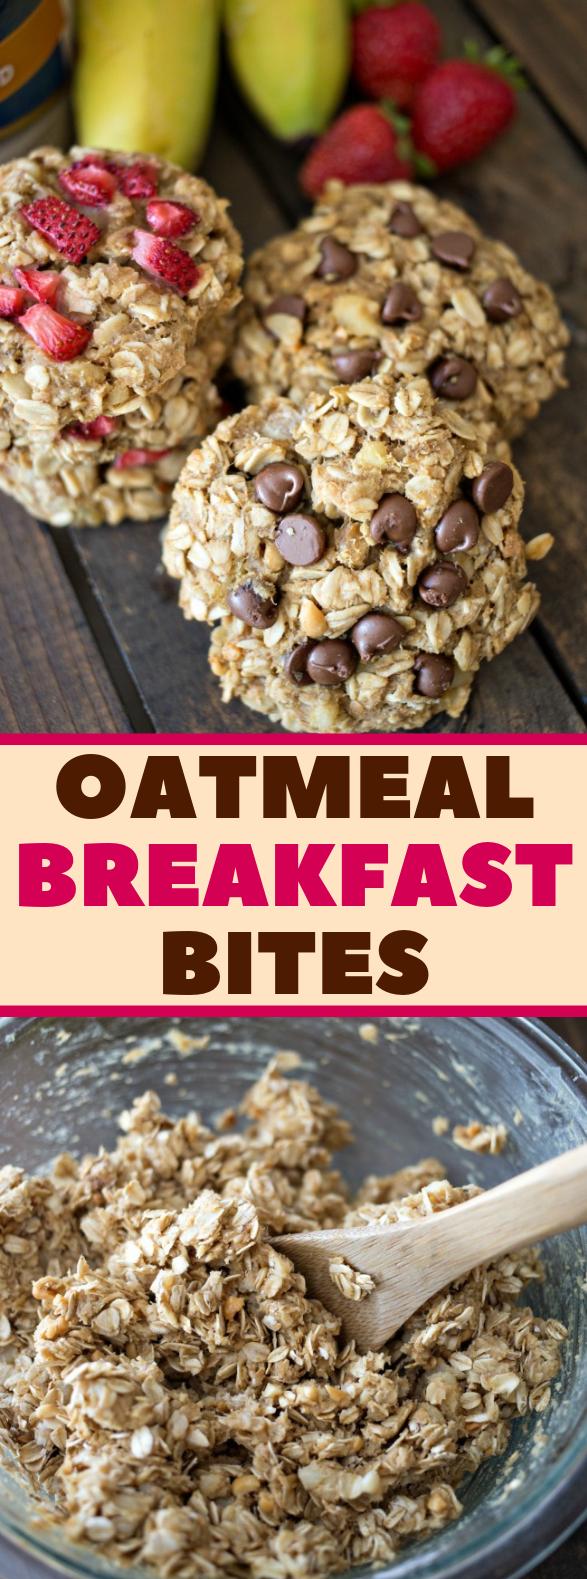 Oatmeal Breakfast Bites #healthy #snacks